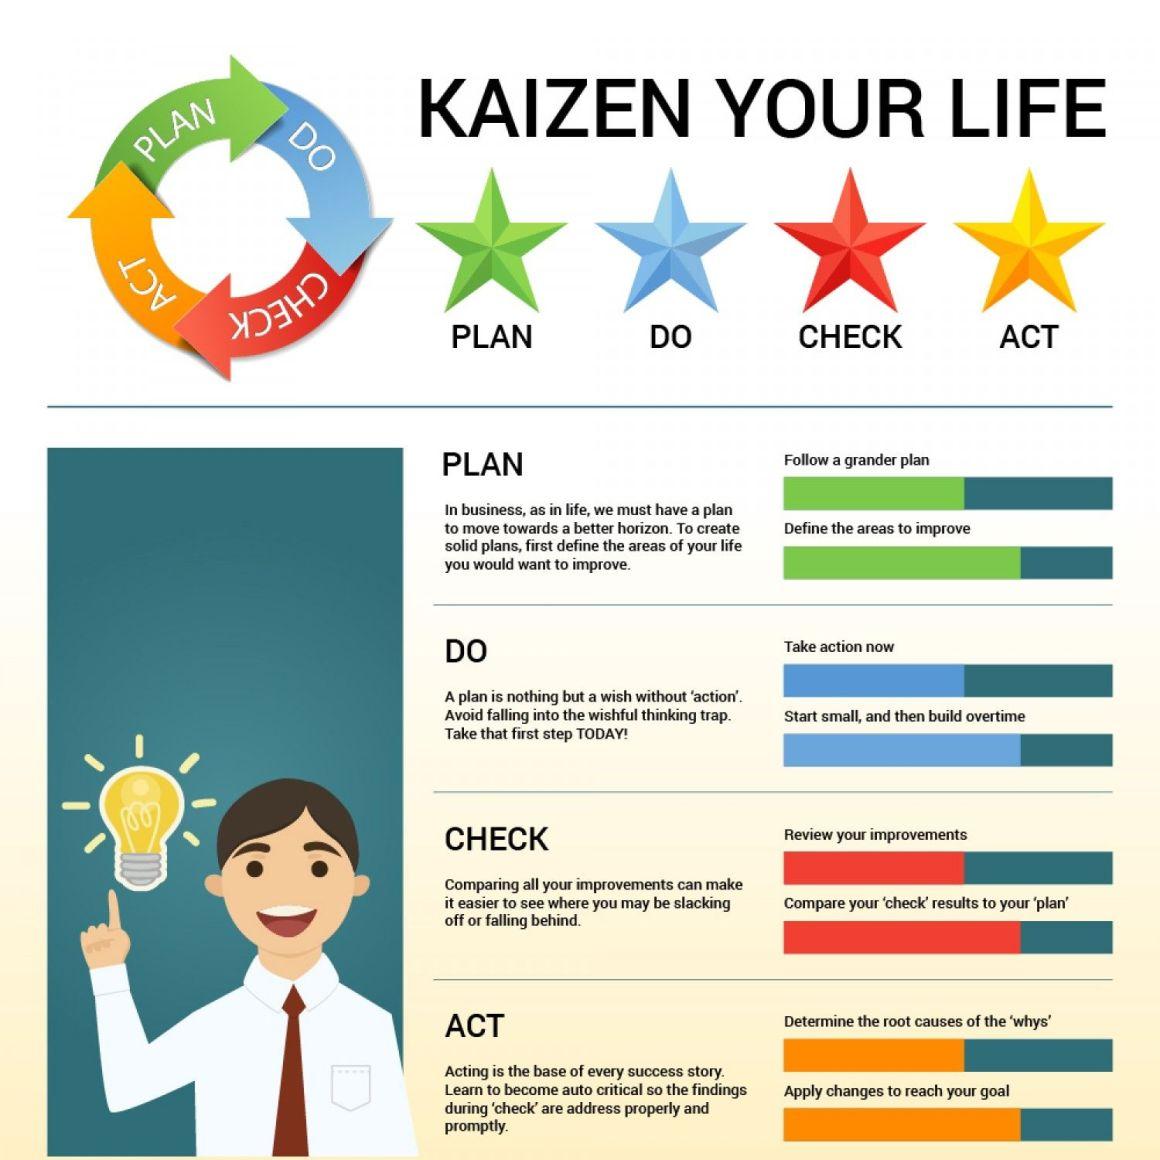 Filsafat Kaizen Merupakan Rahasia Orang Jepang Sukses Dalam Dunia Bisnis